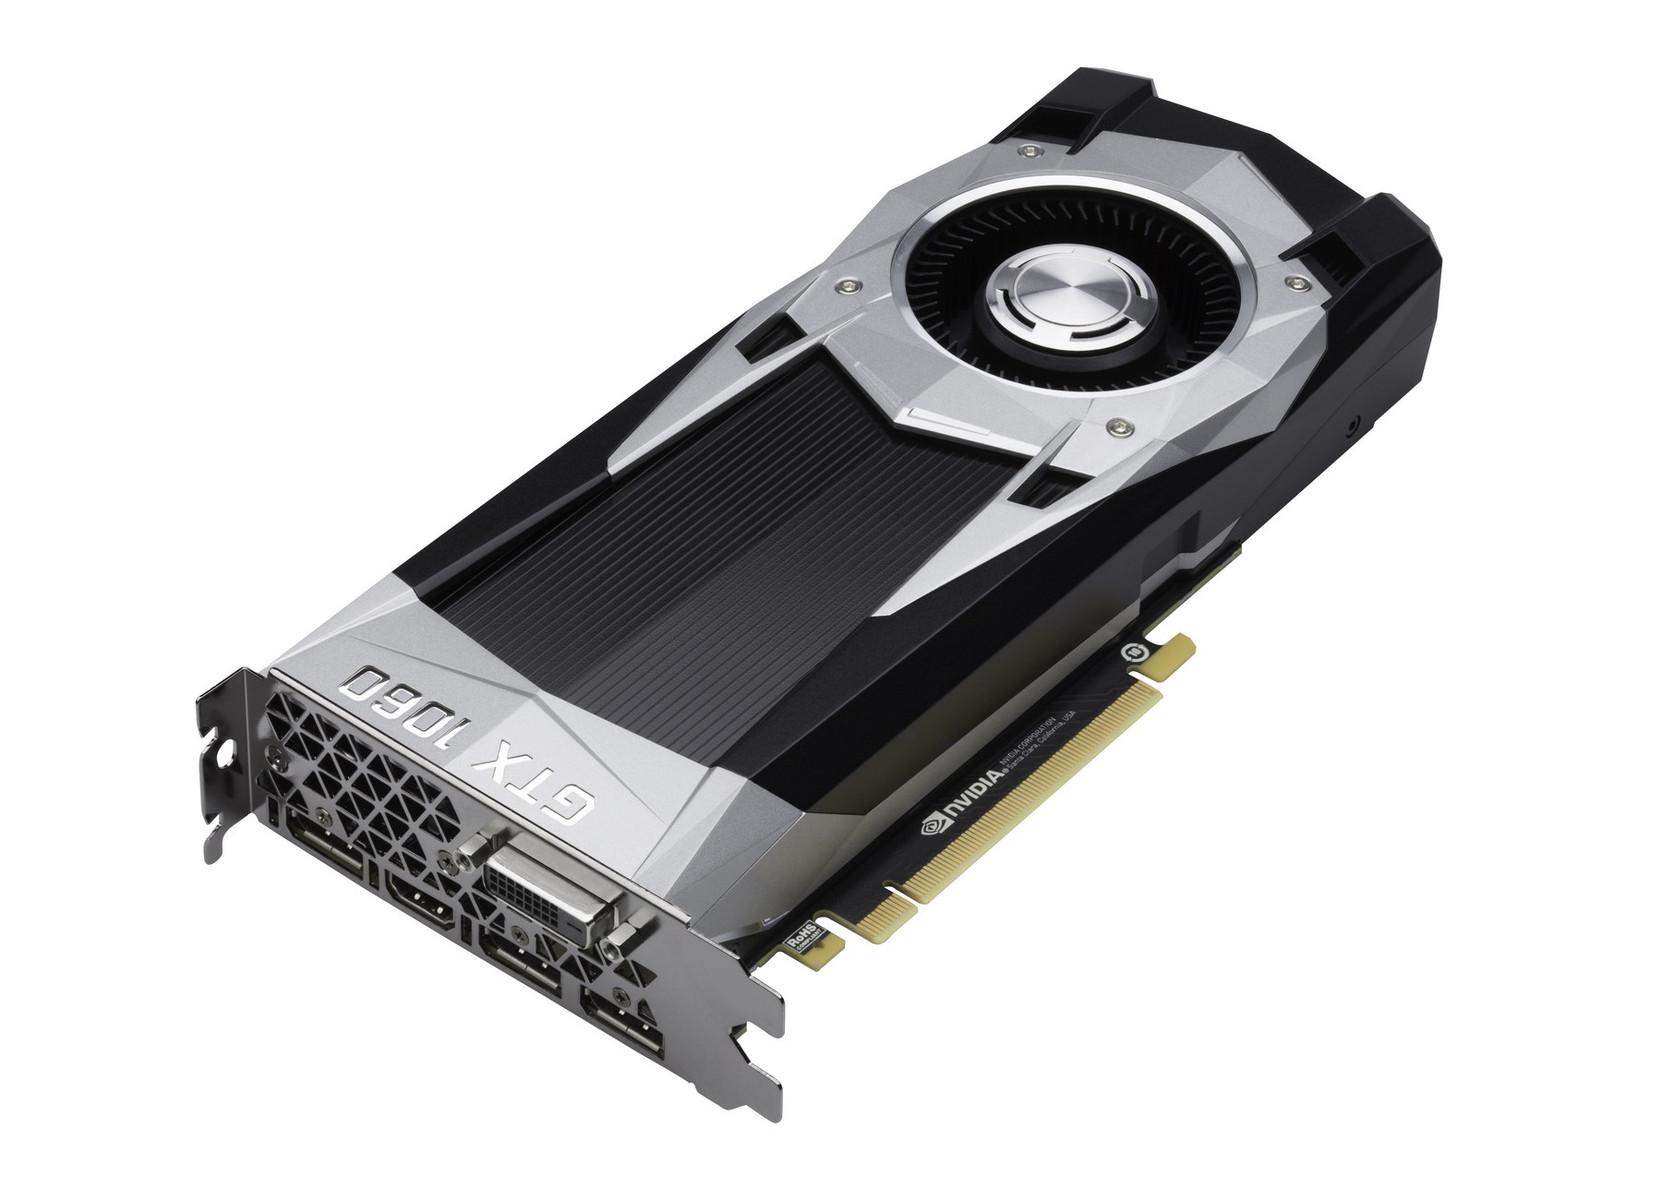 Nvidia GeForce GTX 1060 (Desktop) Review - NotebookCheck.net Reviews